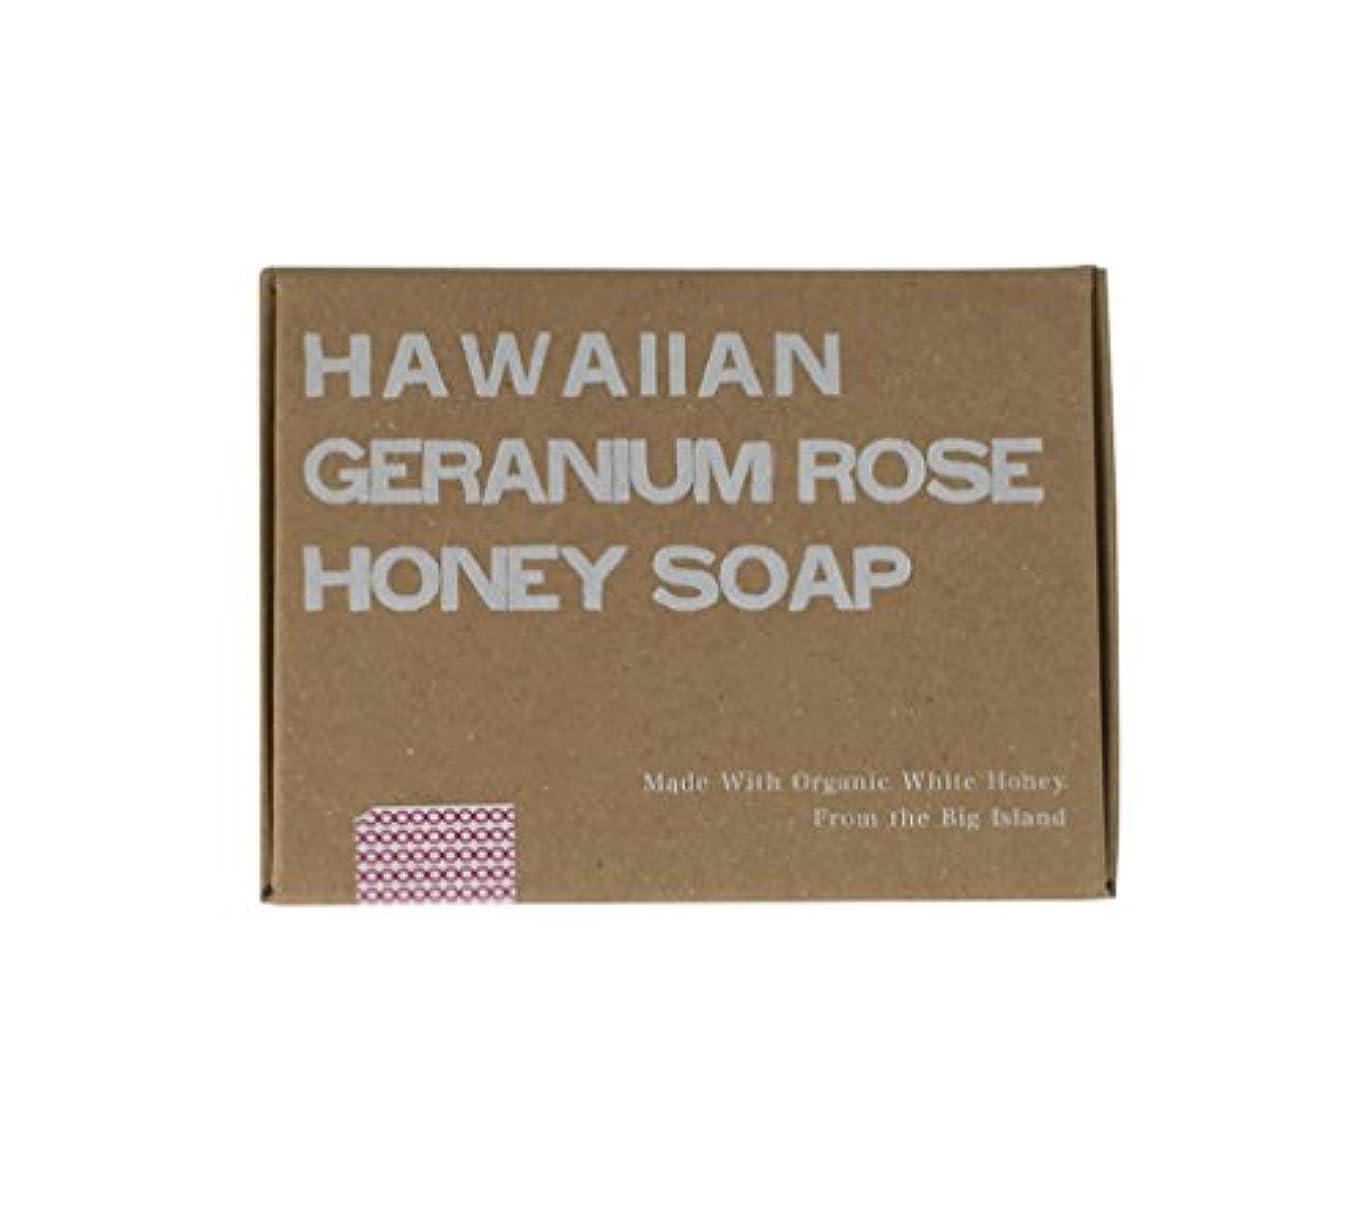 拮抗する小学生クレーンホワイトハニーオーガニクス ハワイアン?ゼラニウムローズ?ハニーソープ (Hawaiian Geranium Rose Honey Soap)